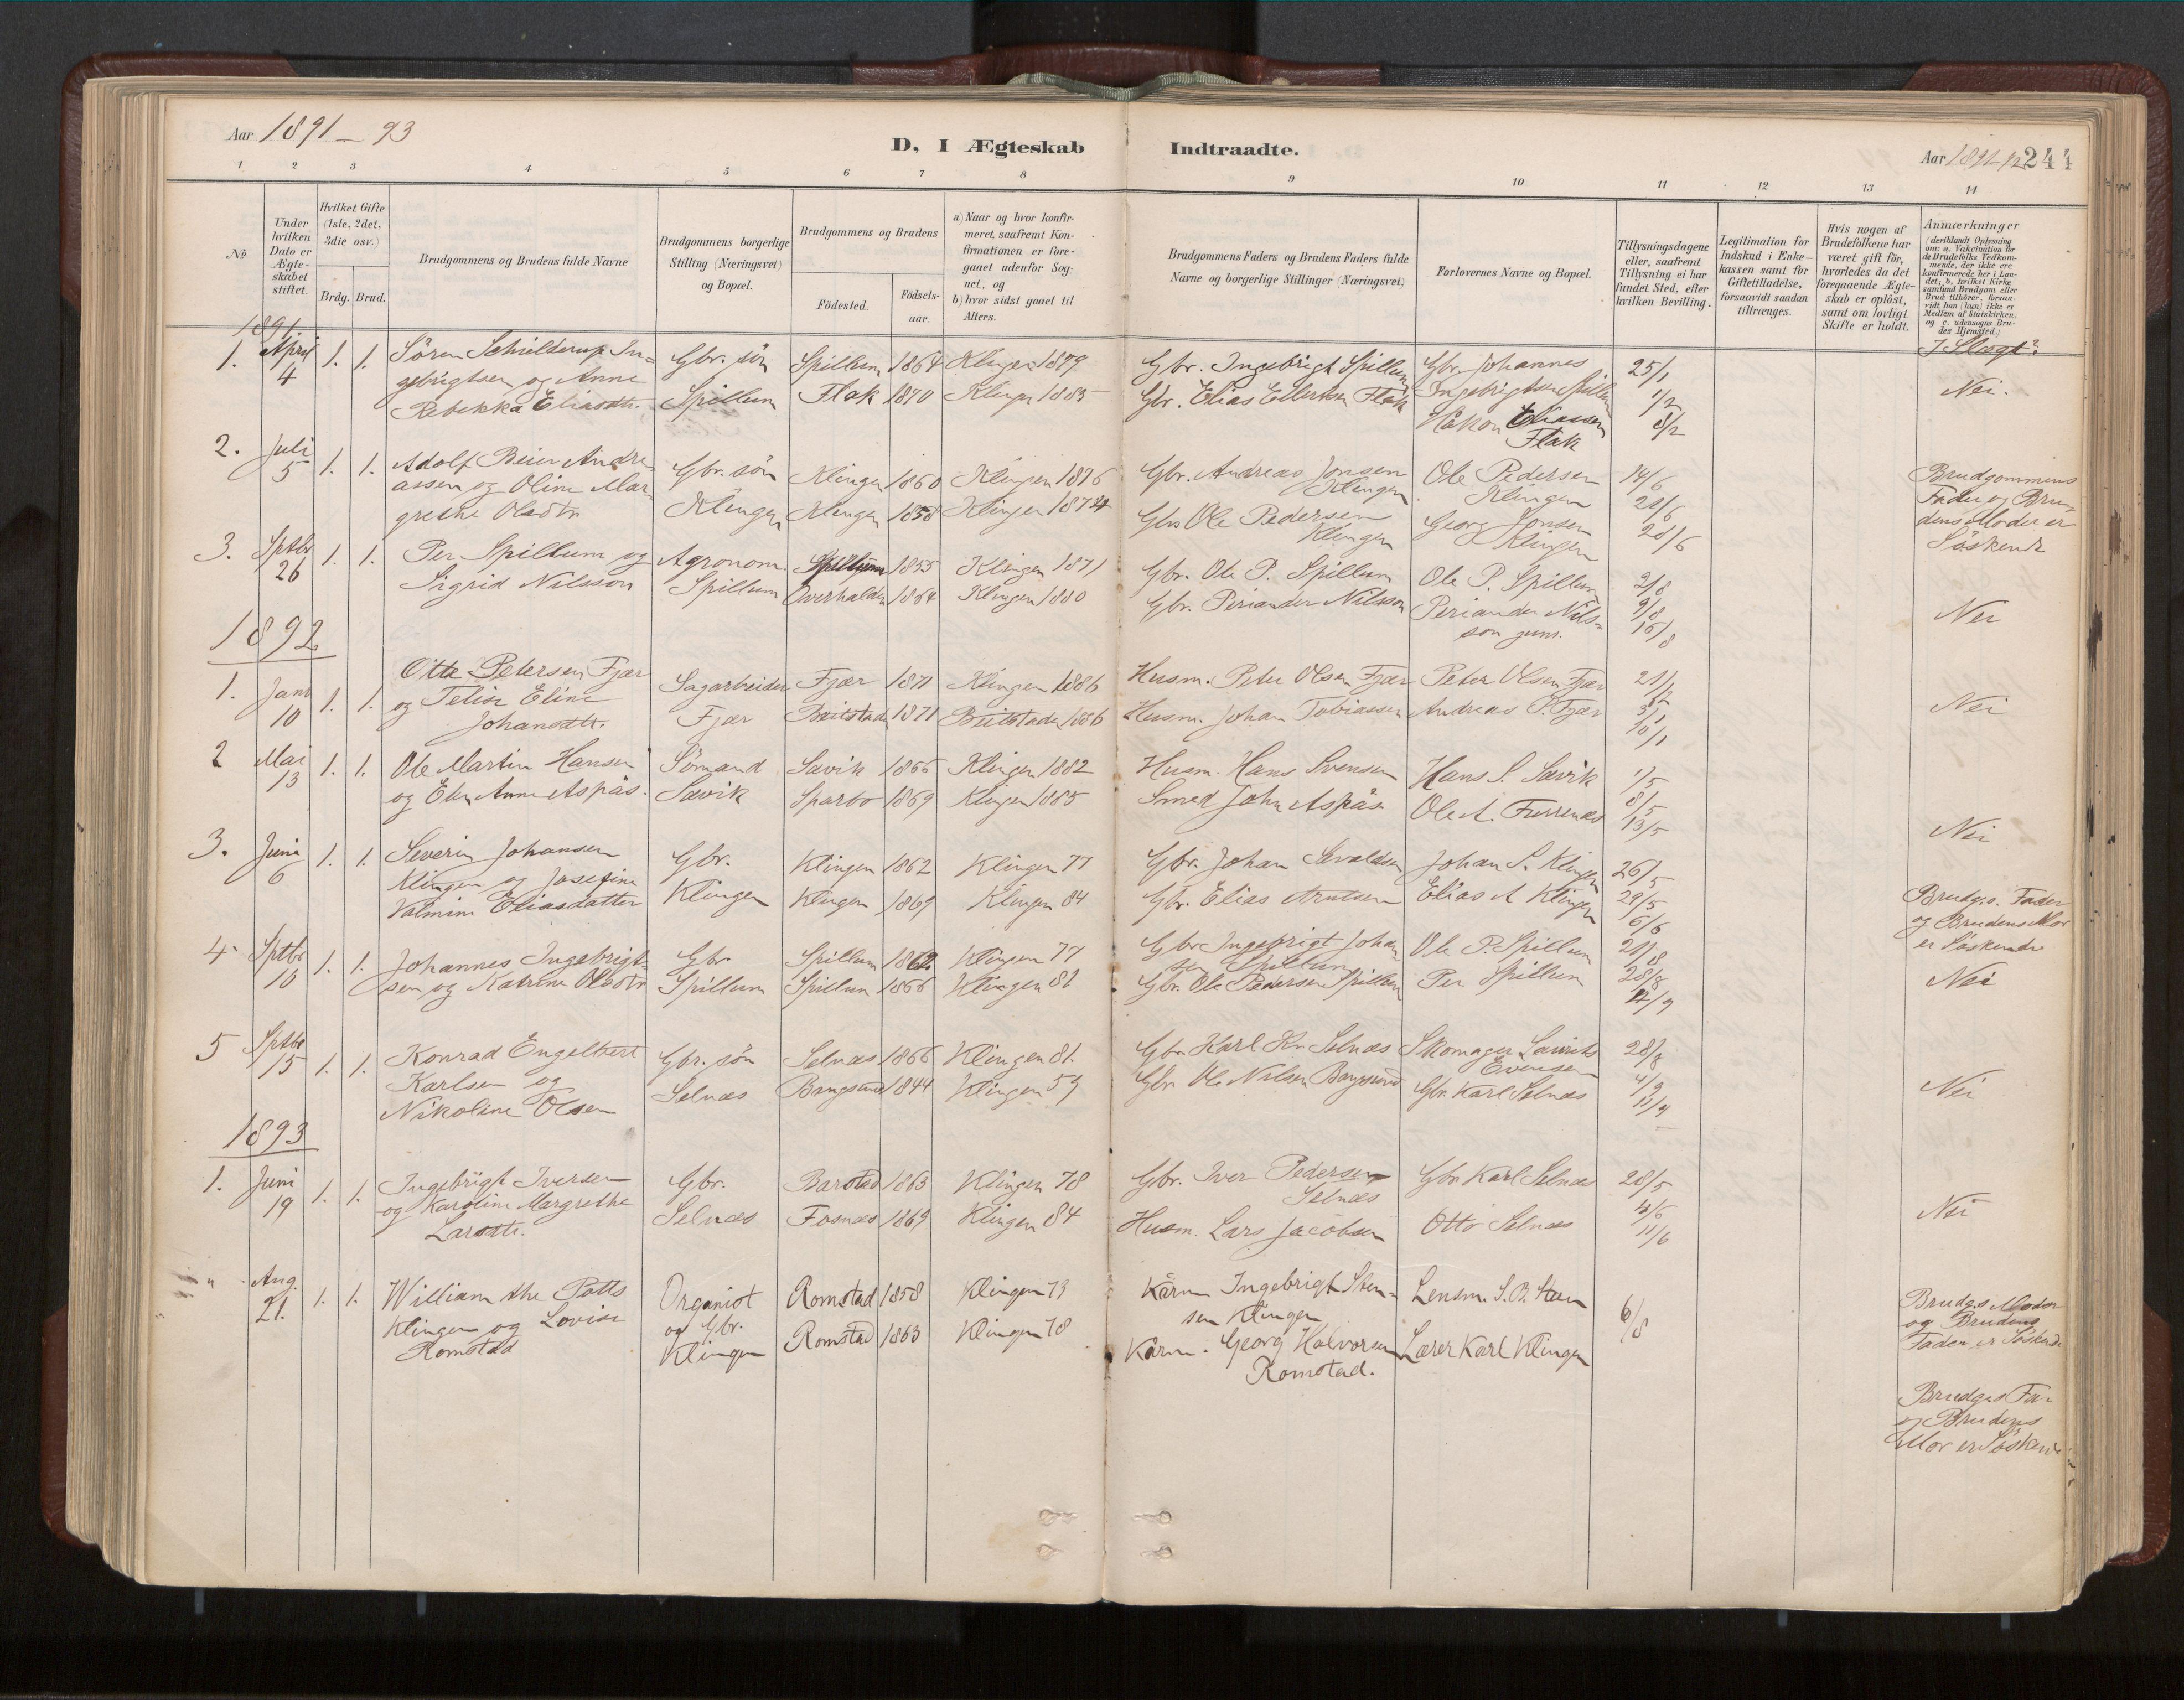 SAT, Ministerialprotokoller, klokkerbøker og fødselsregistre - Nord-Trøndelag, 770/L0589: Ministerialbok nr. 770A03, 1887-1929, s. 244